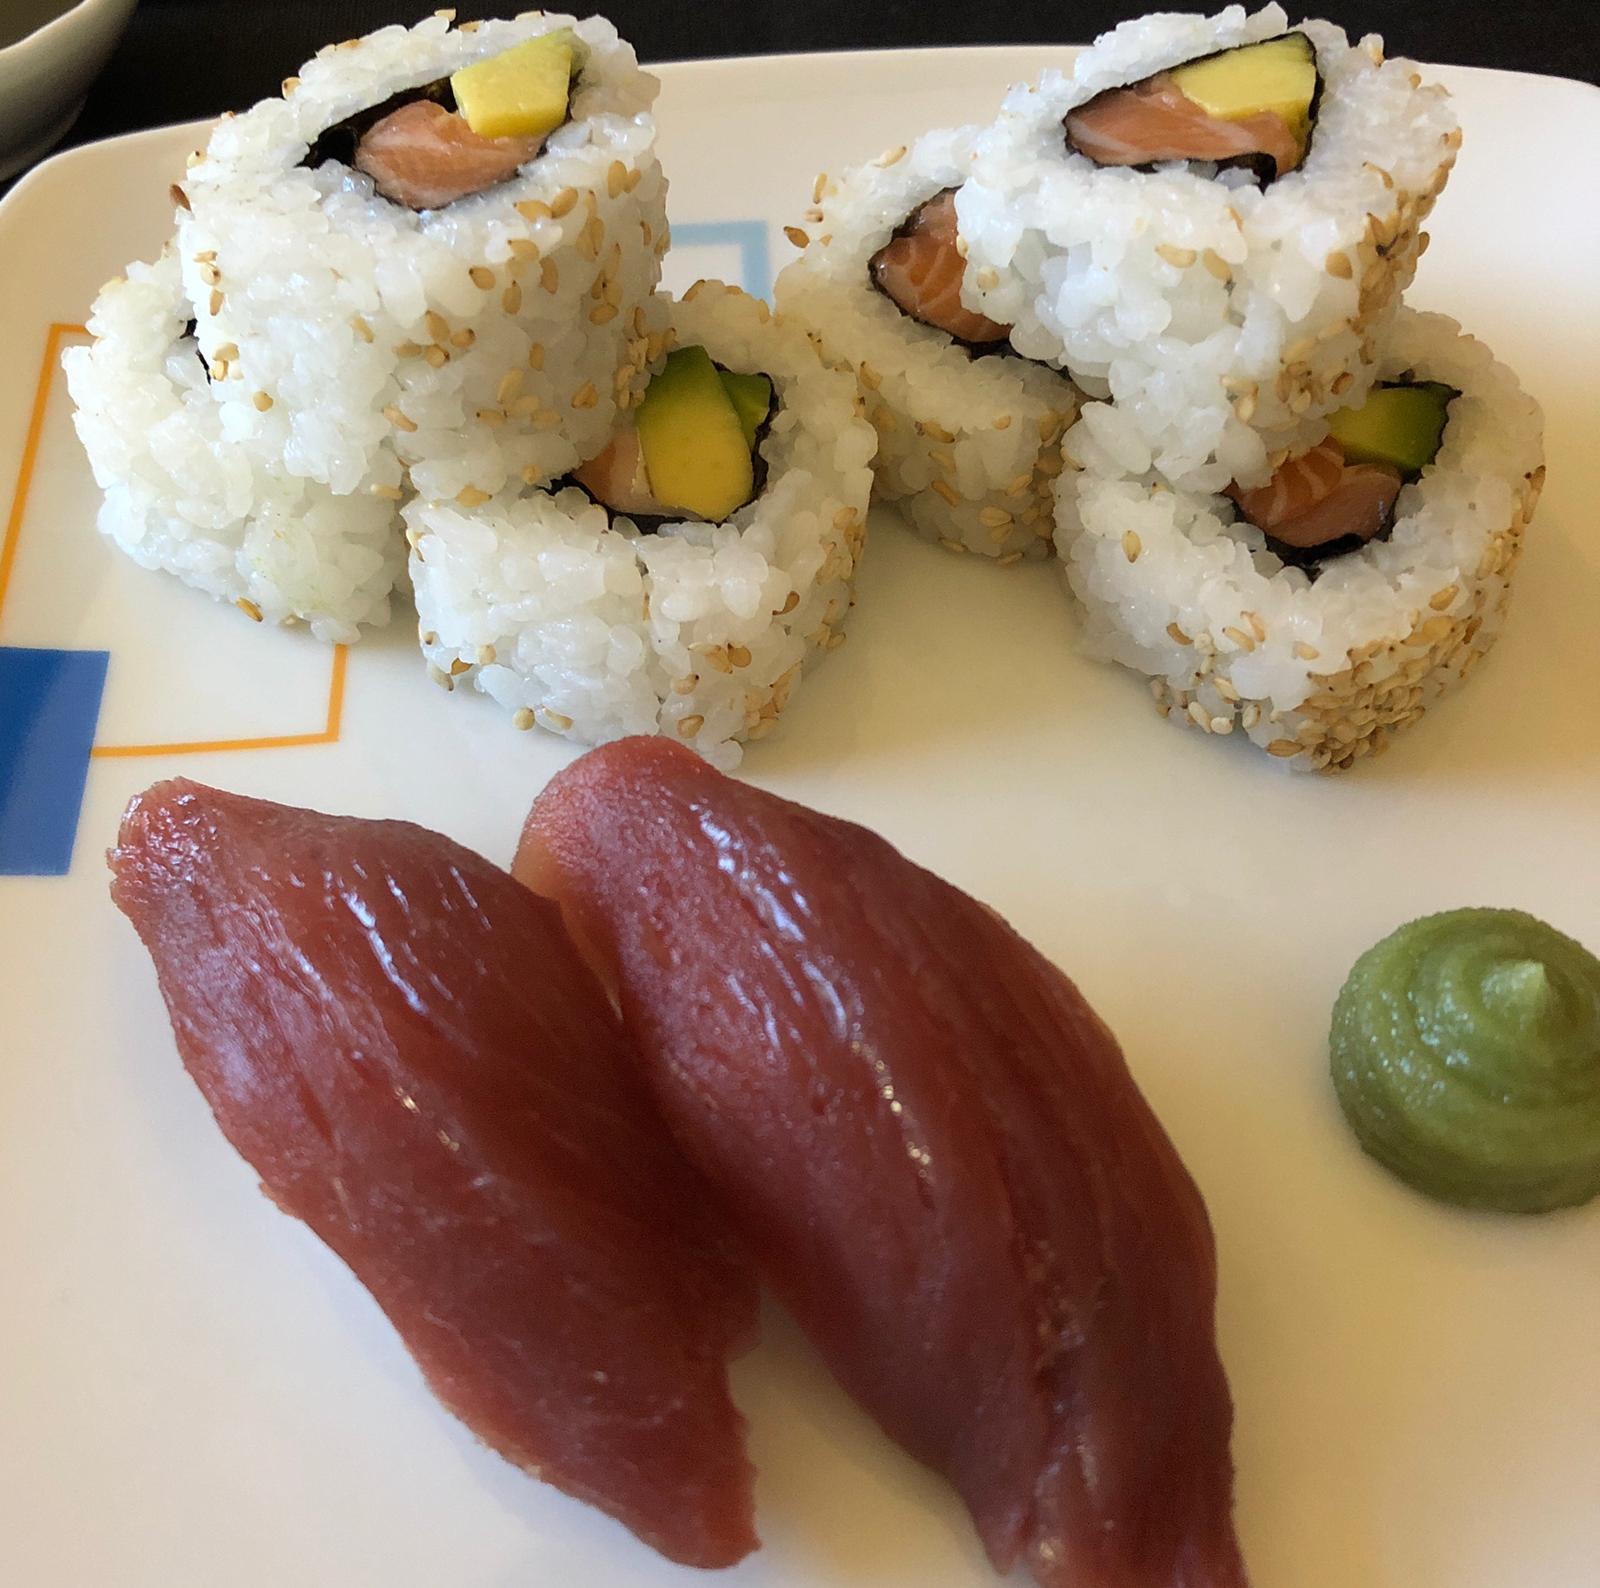 1es Jornades de Cuina Japonesa, amb una gran varietat de suggeriments a la BordaXixerellaRestaurant